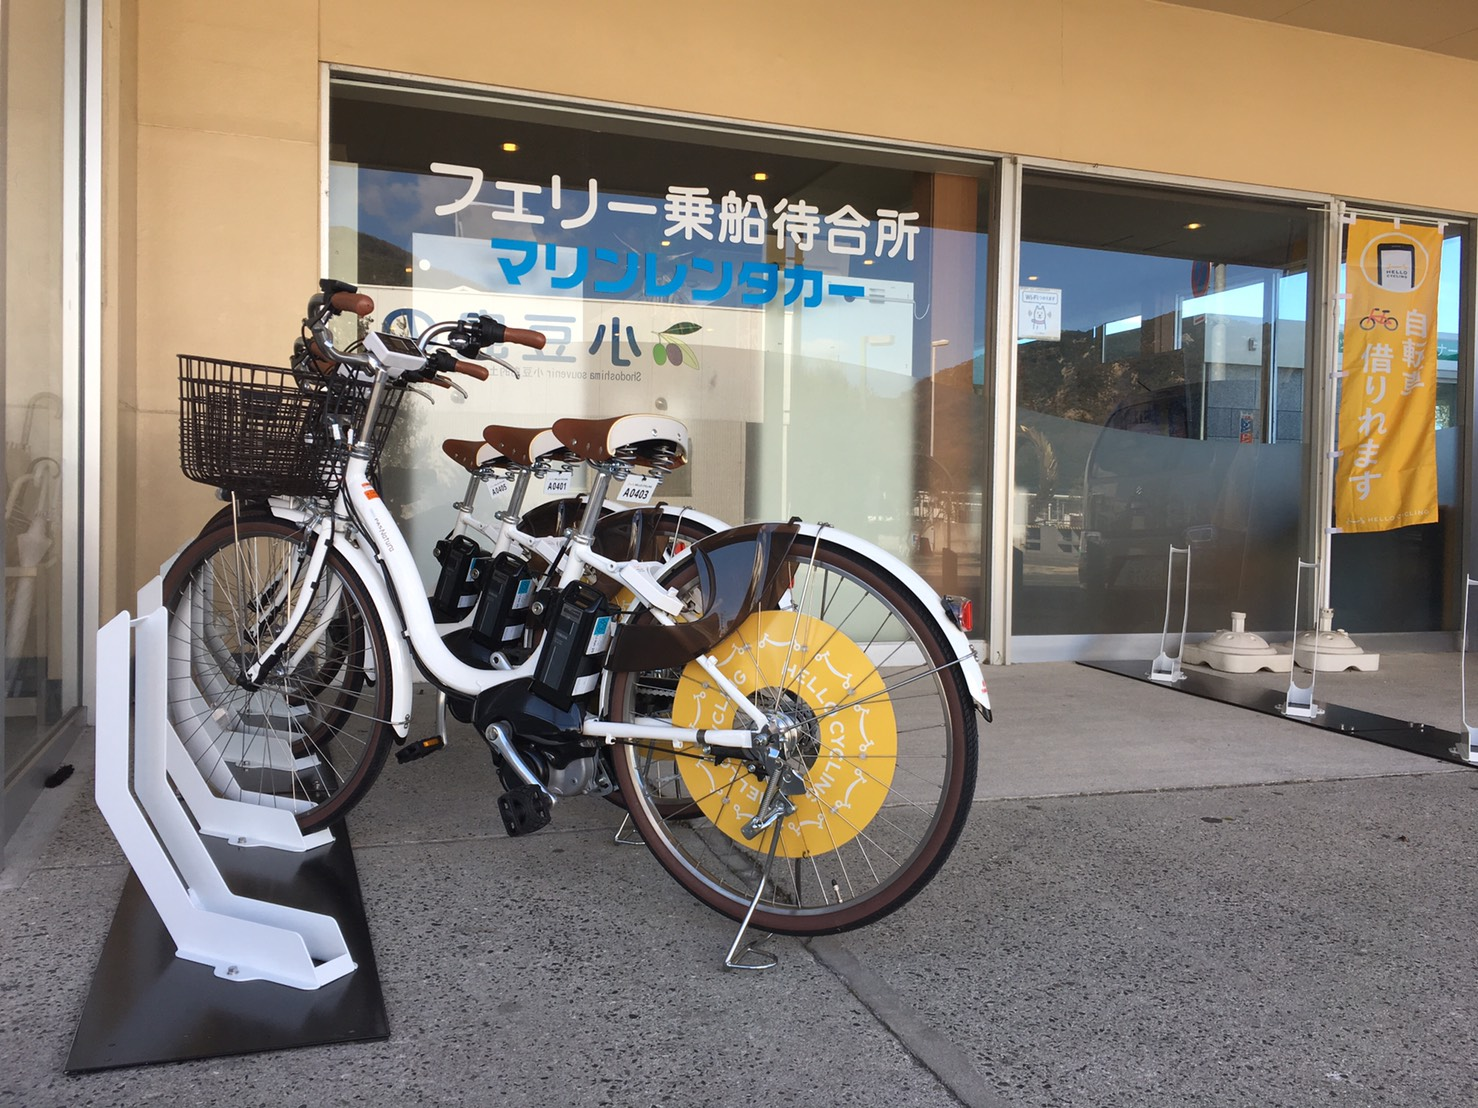 小豆島土庄港 マリンレンタカー (HELLO CYCLING ポート) image